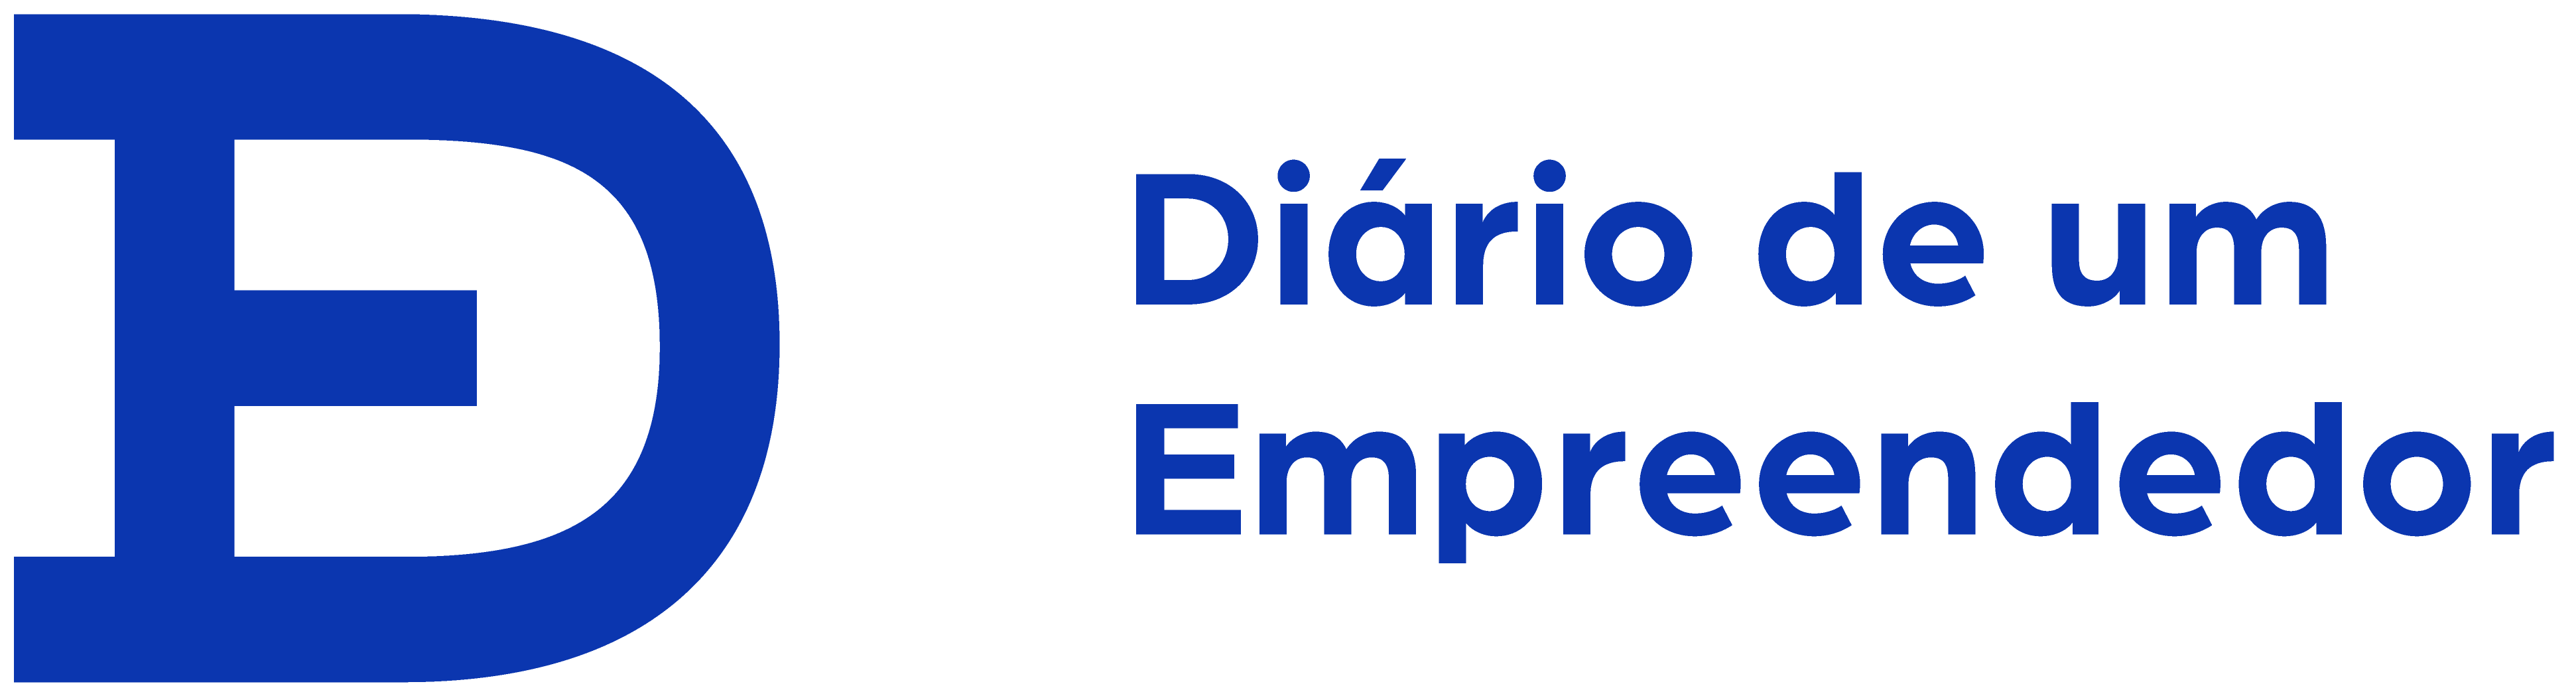 Diário de um Empreendedor